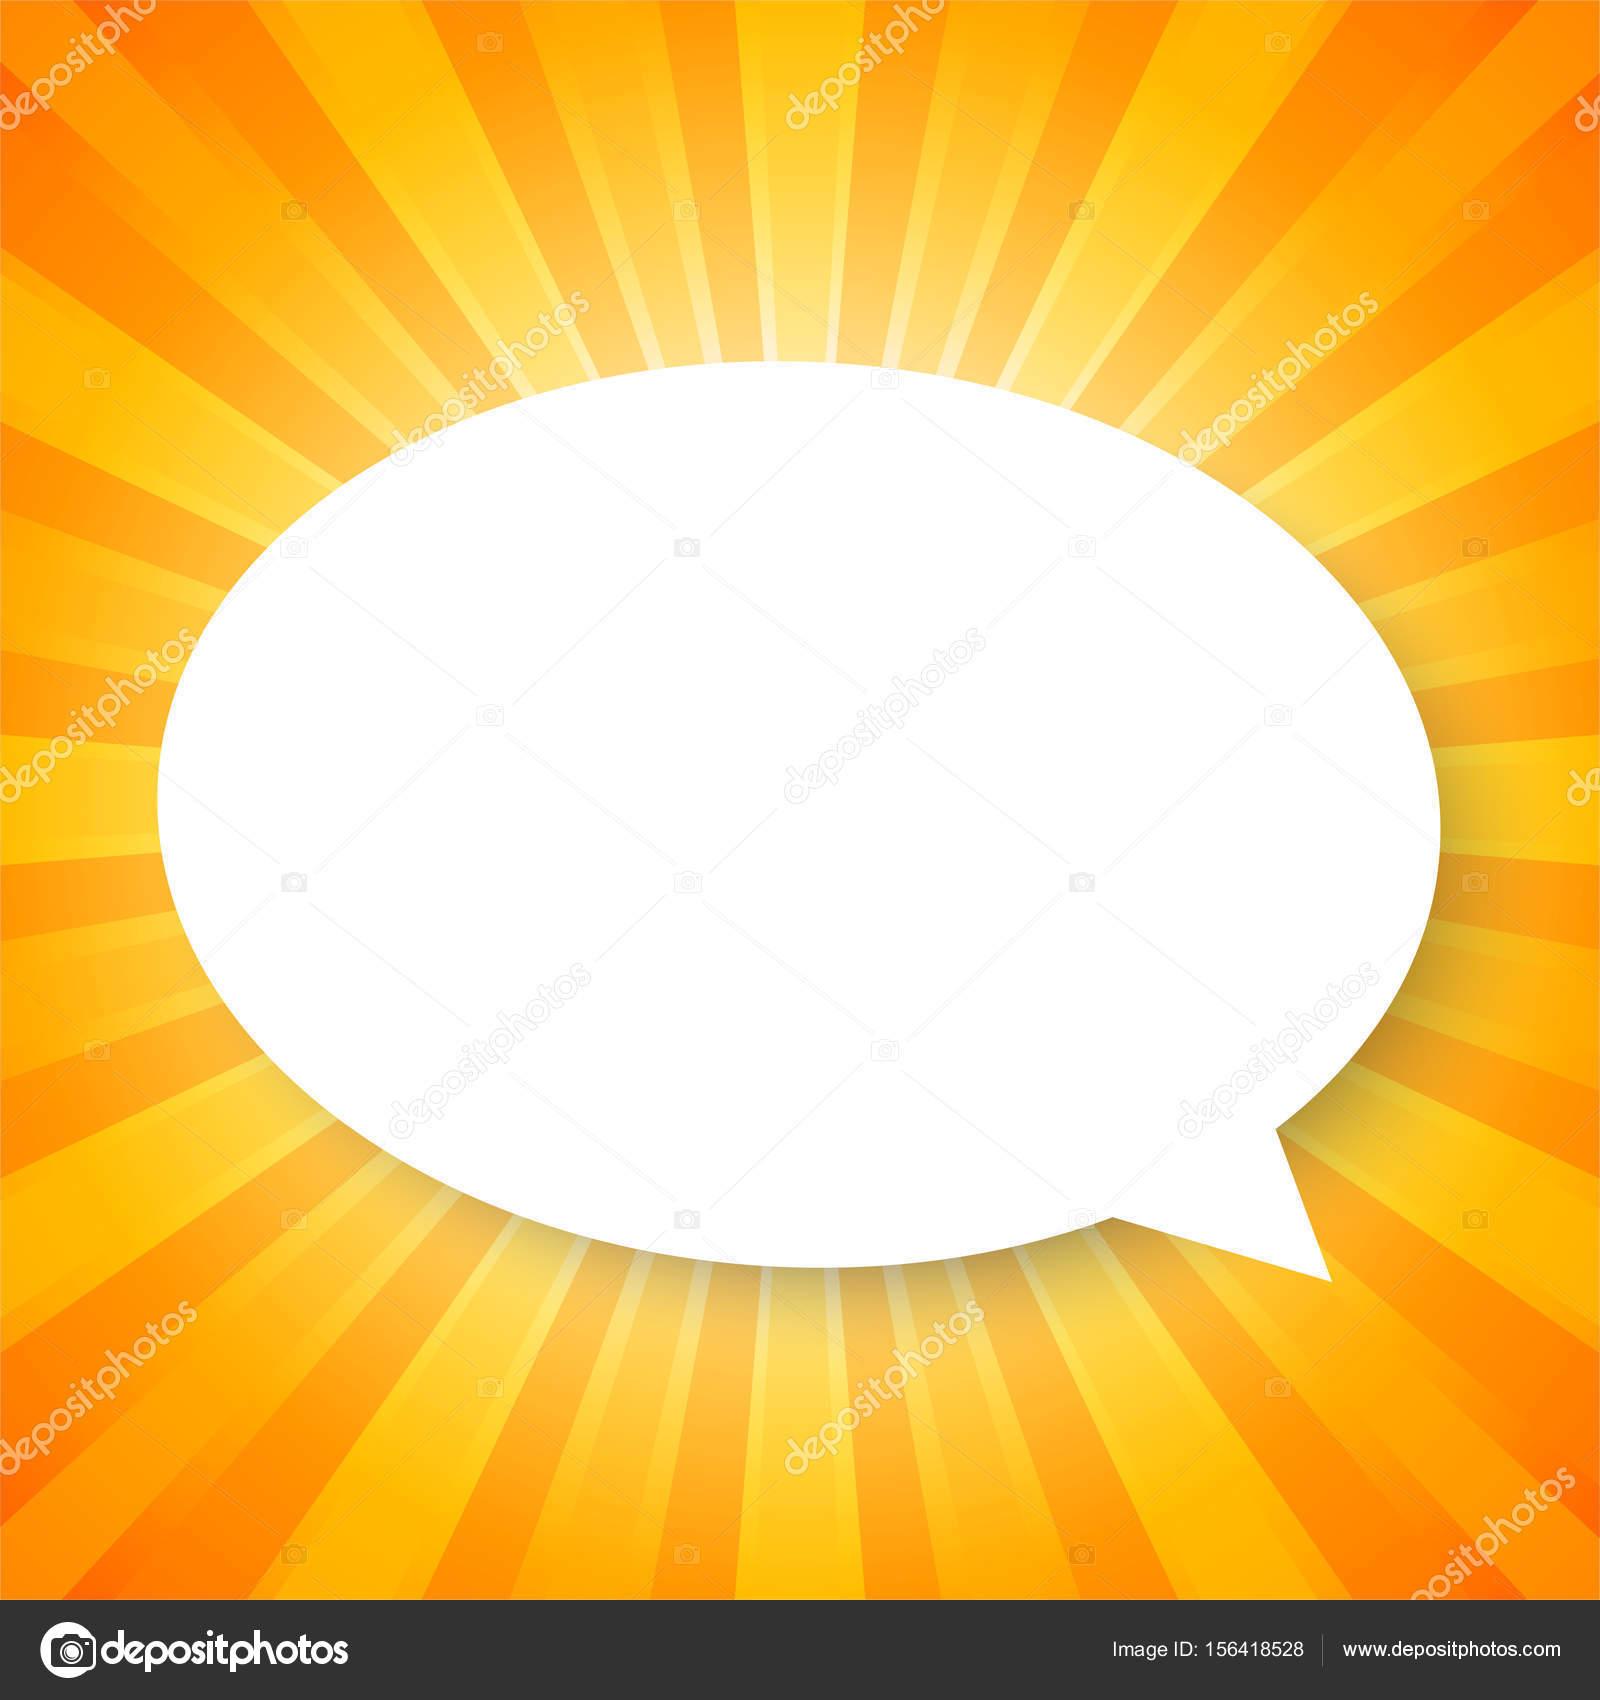 White Cloud Kreis Vorlage auf Orange abstrakten Hintergrund mit ...